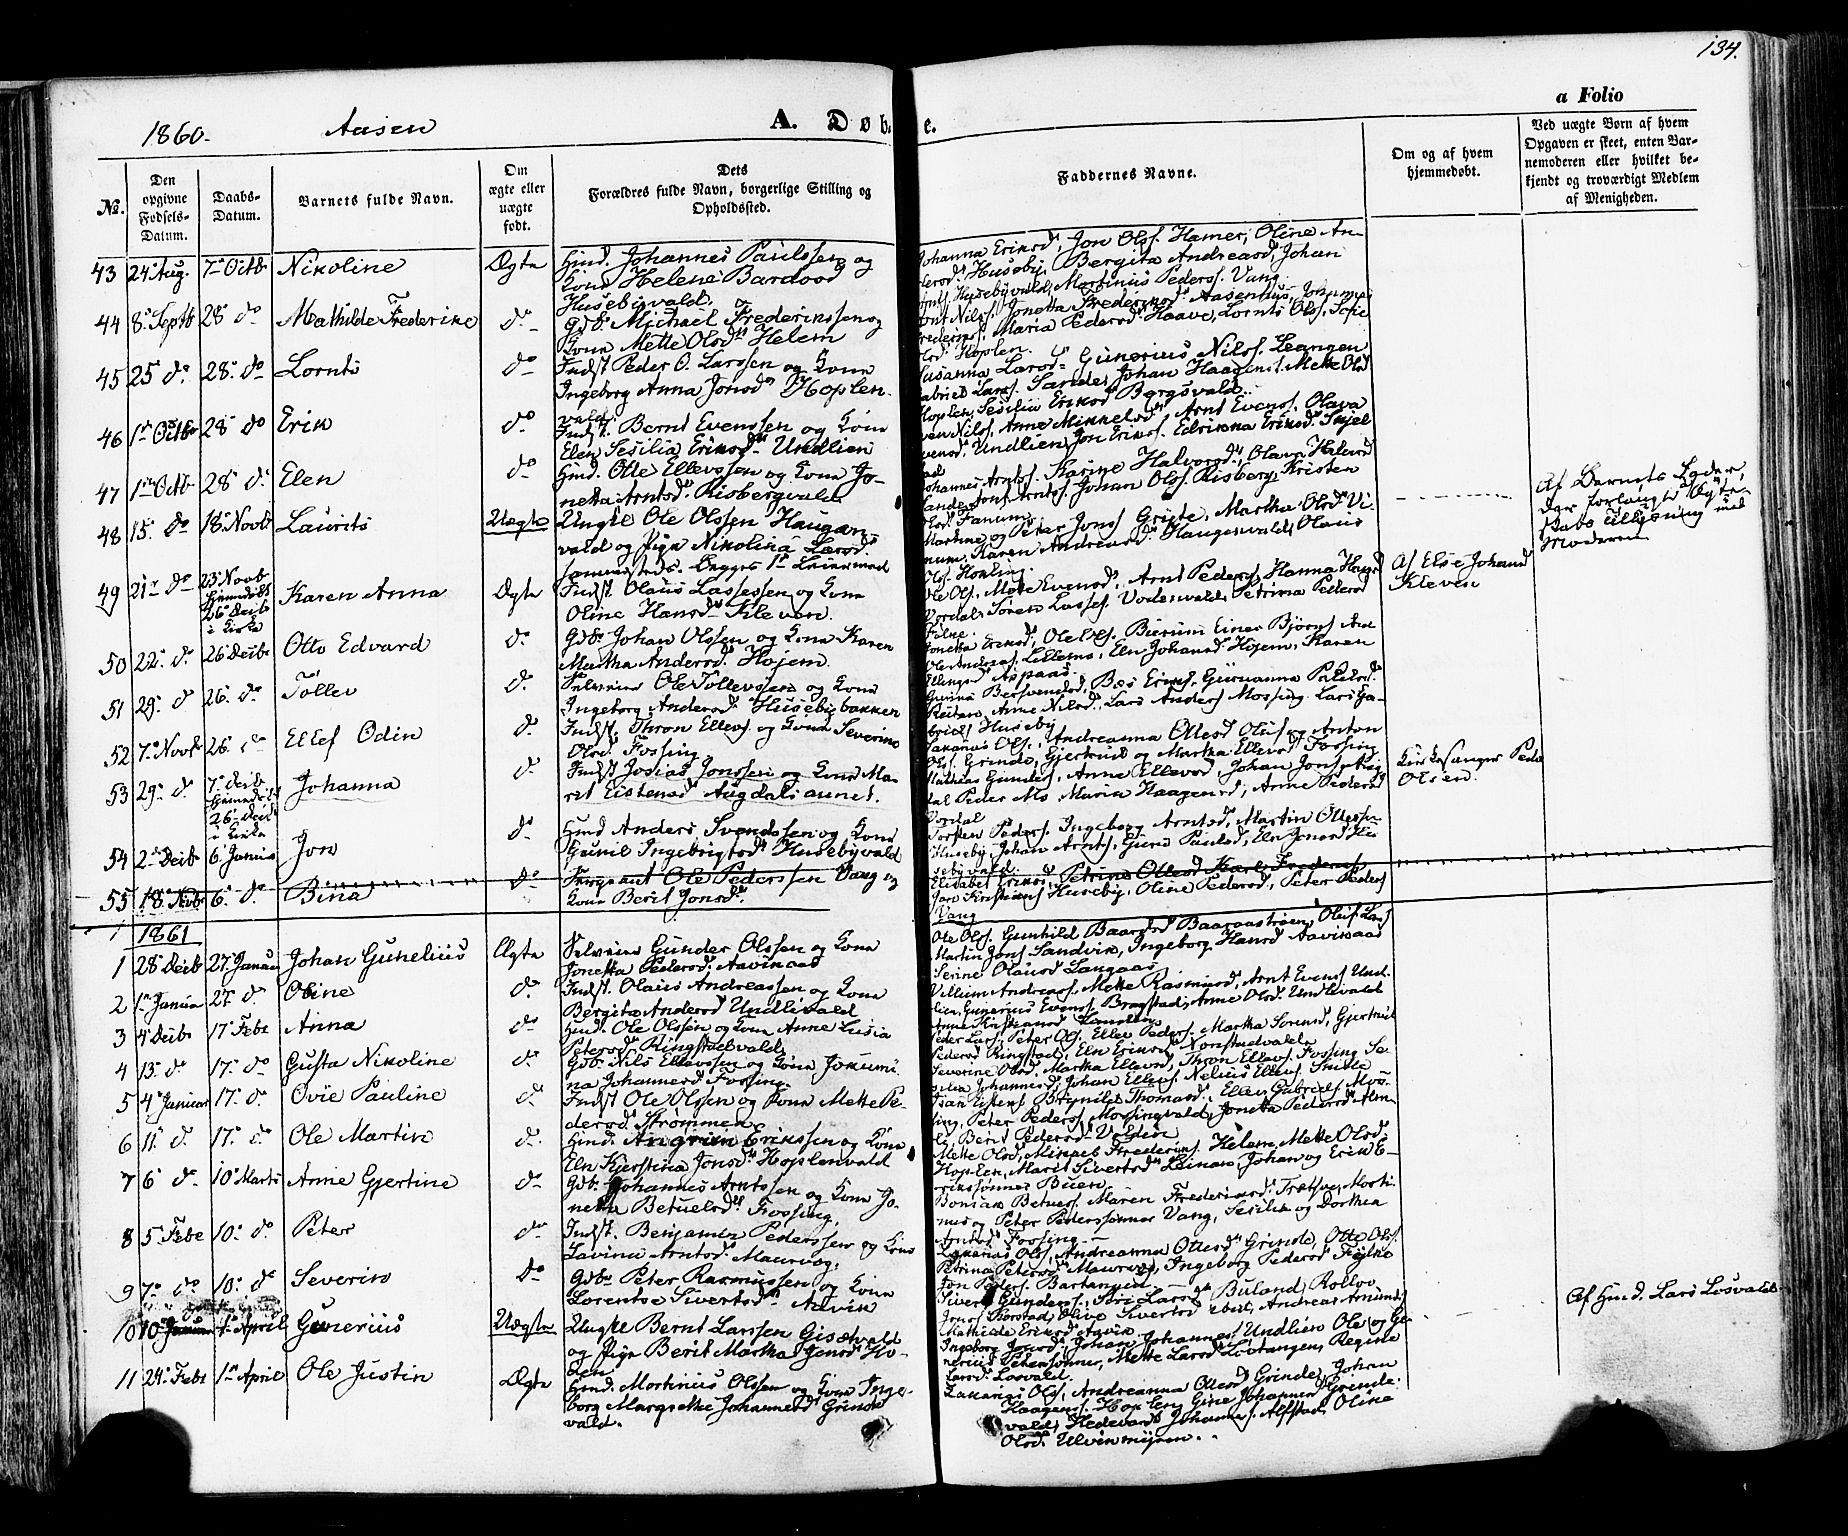 SAT, Ministerialprotokoller, klokkerbøker og fødselsregistre - Nord-Trøndelag, 713/L0116: Ministerialbok nr. 713A07 /2, 1850-1877, s. 134